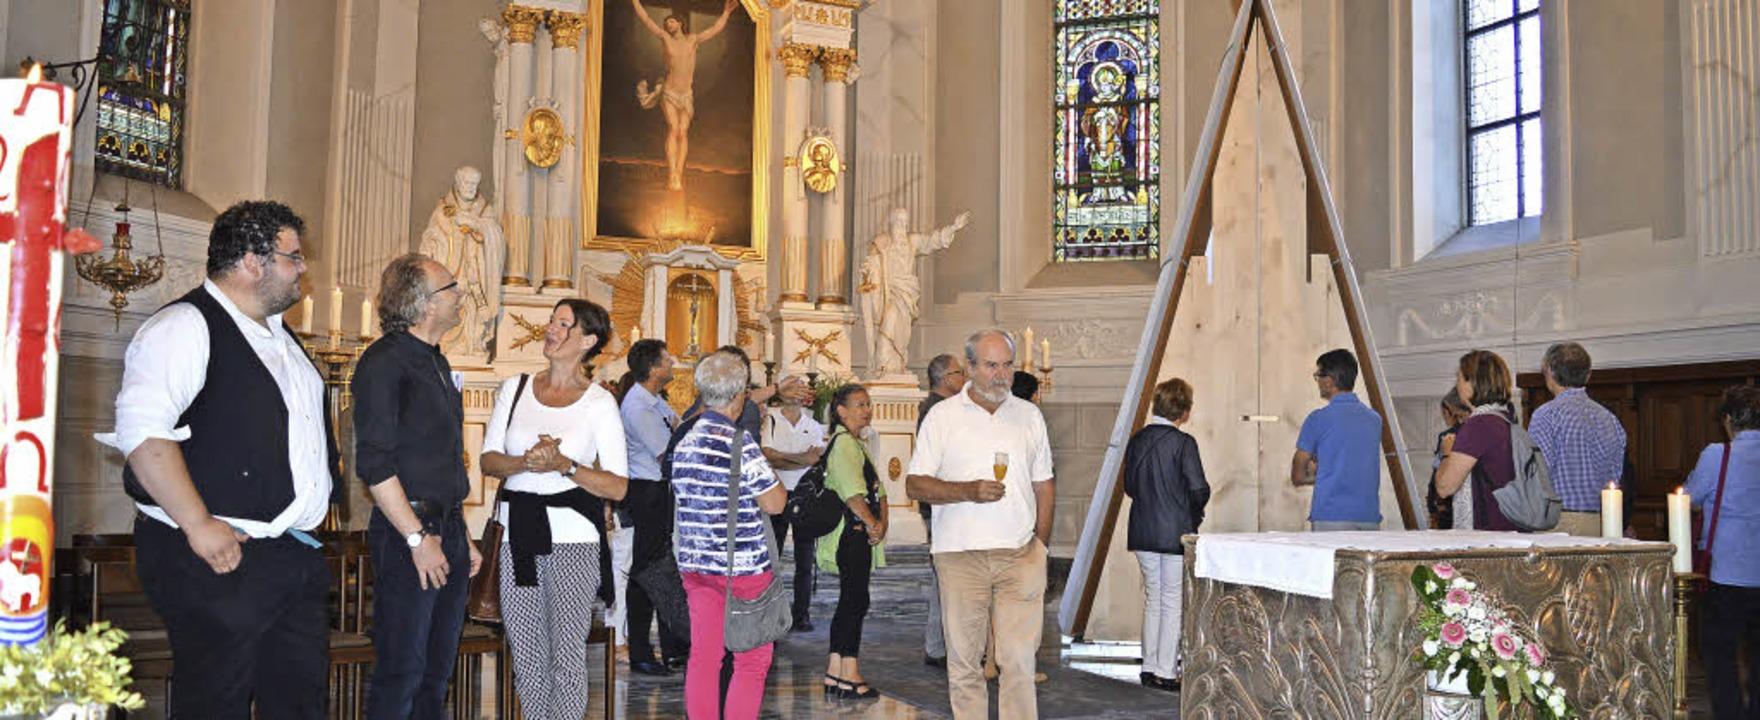 Viele Besucher haben das kapellenähnli...eranstaltung in der Kirche St. Zeno.    | Foto: Sandhya Hasswani